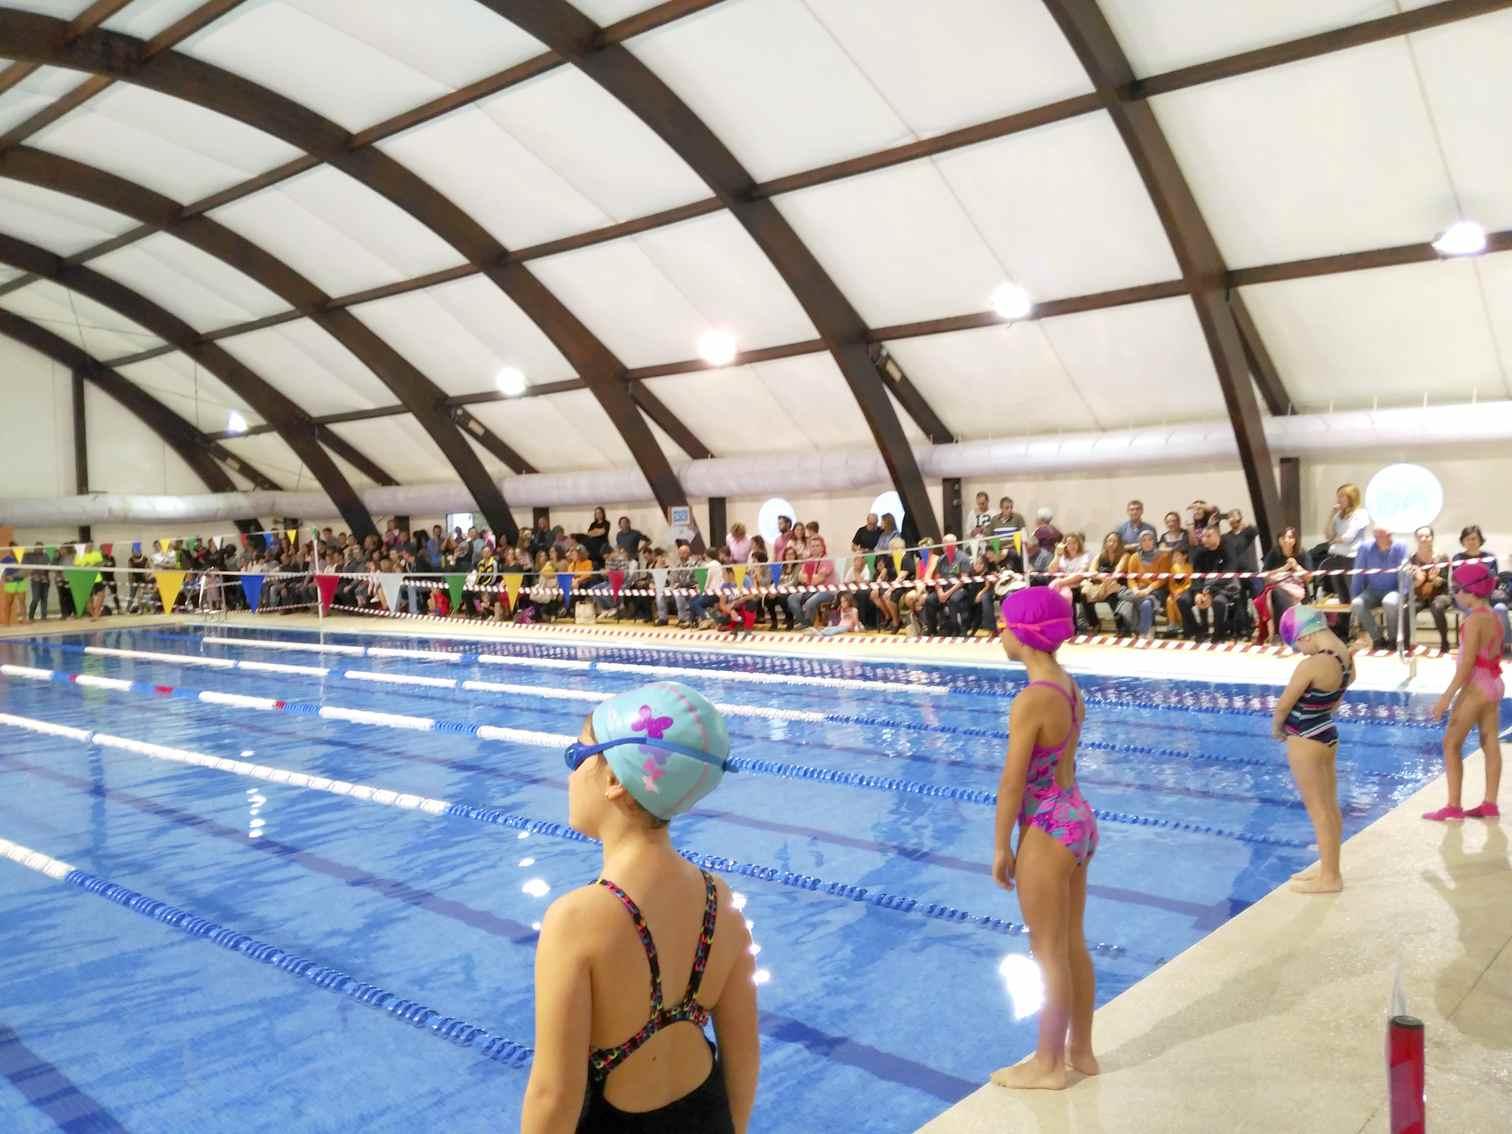 La piscina de Castalla acull la primera jornada de la Lliga Intercomarcal de Natació Ibi-Castalla-Alcoi